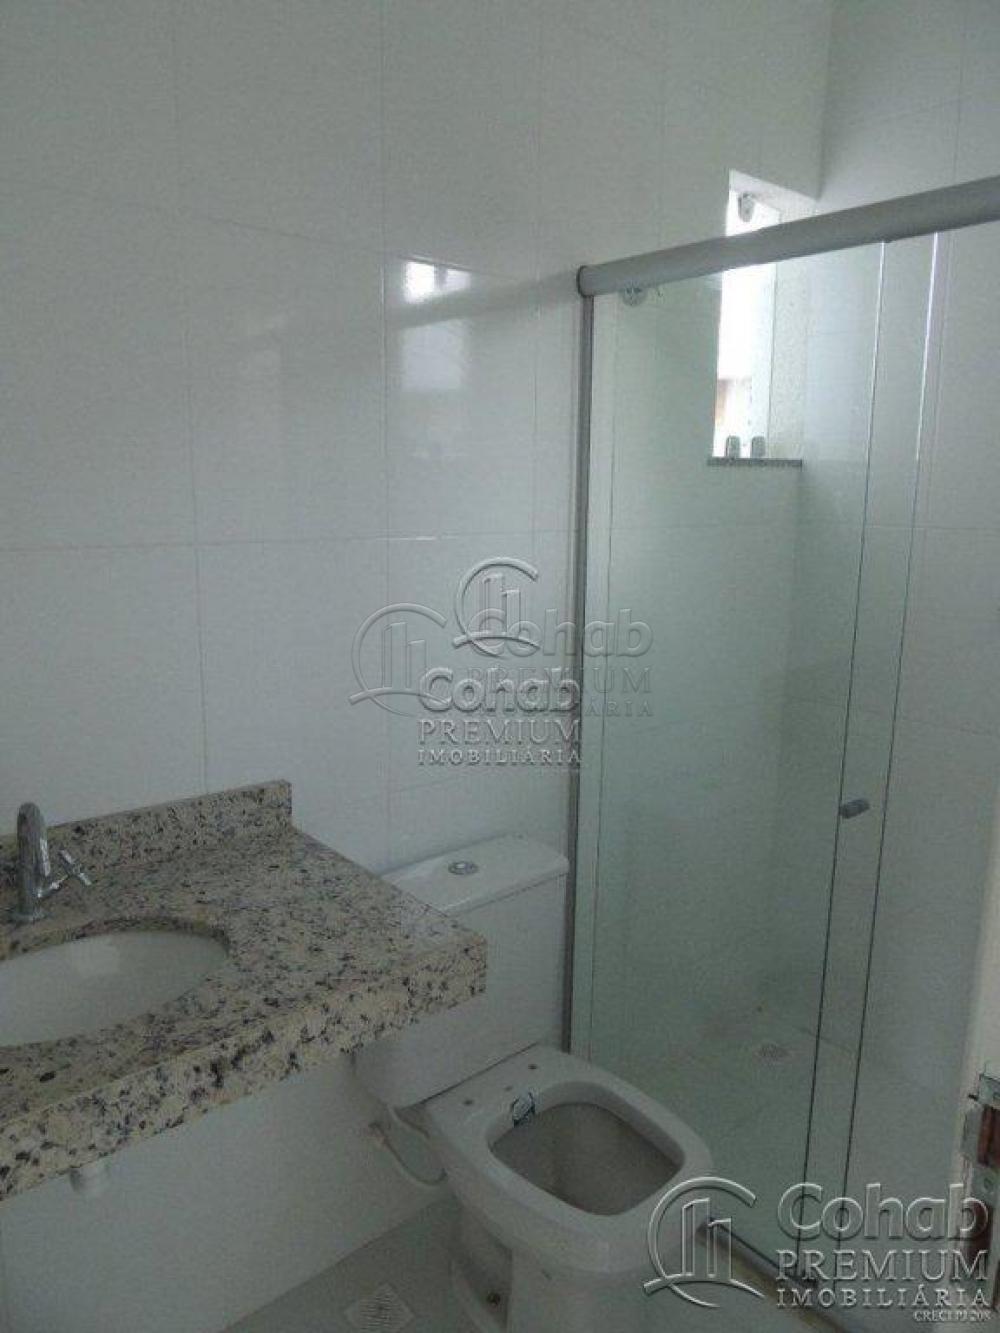 Comprar Casa / Condomínio em Aracaju apenas R$ 320.000,00 - Foto 10